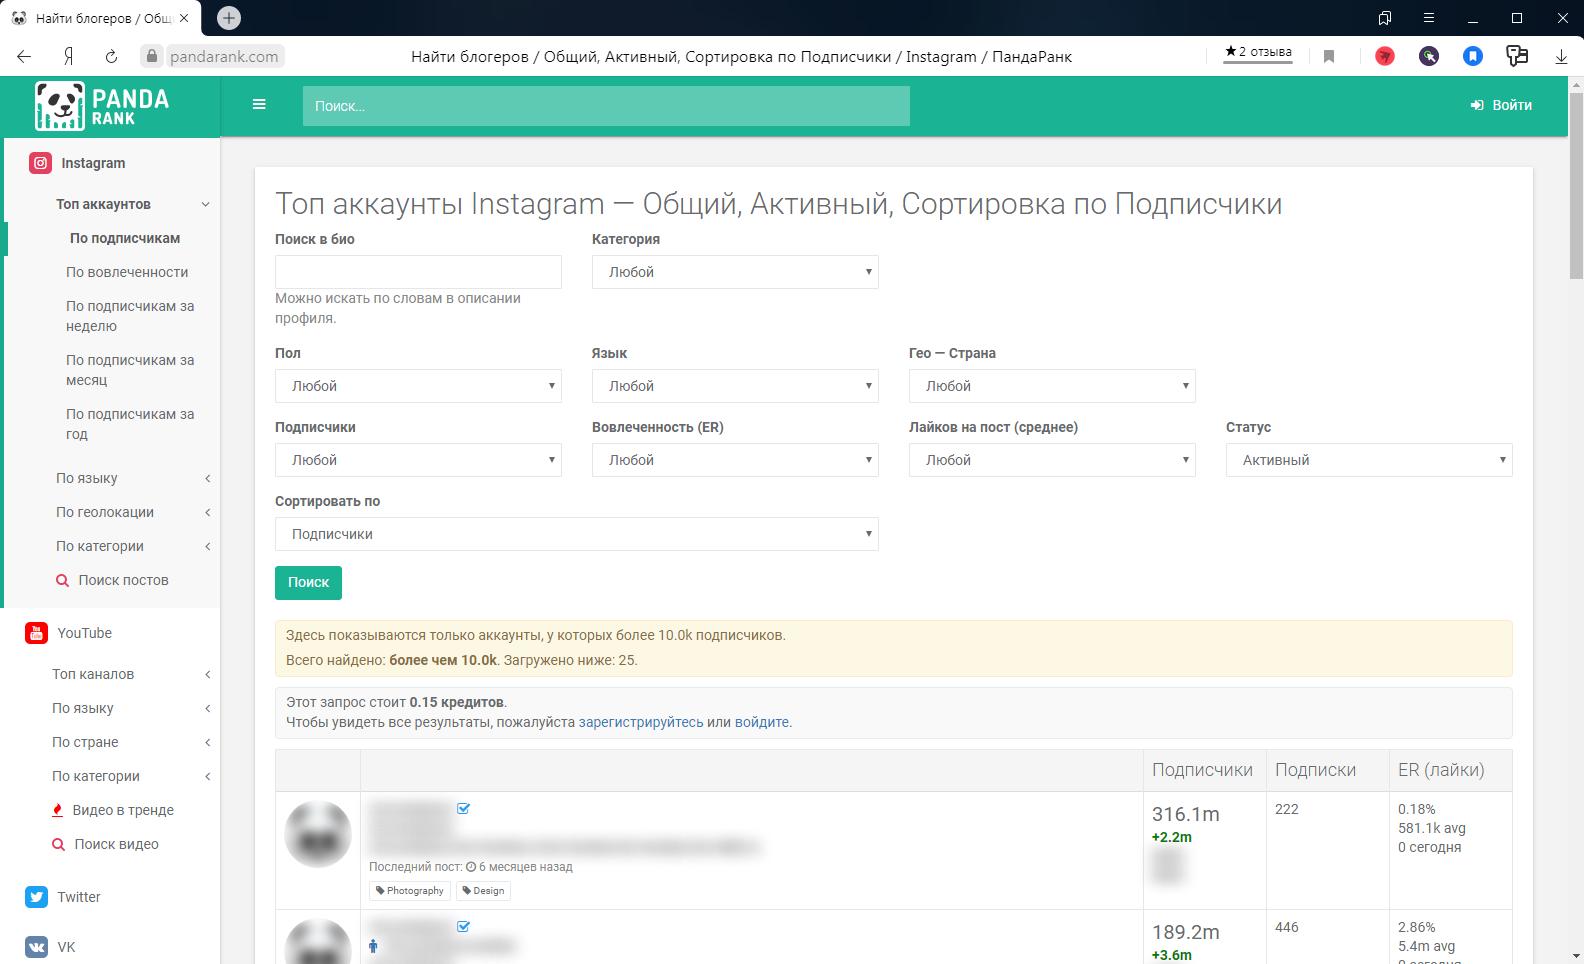 Рейтинги страниц, каналов и групп социальных сетей в аналитическом онлайн-сервисе PandaRank